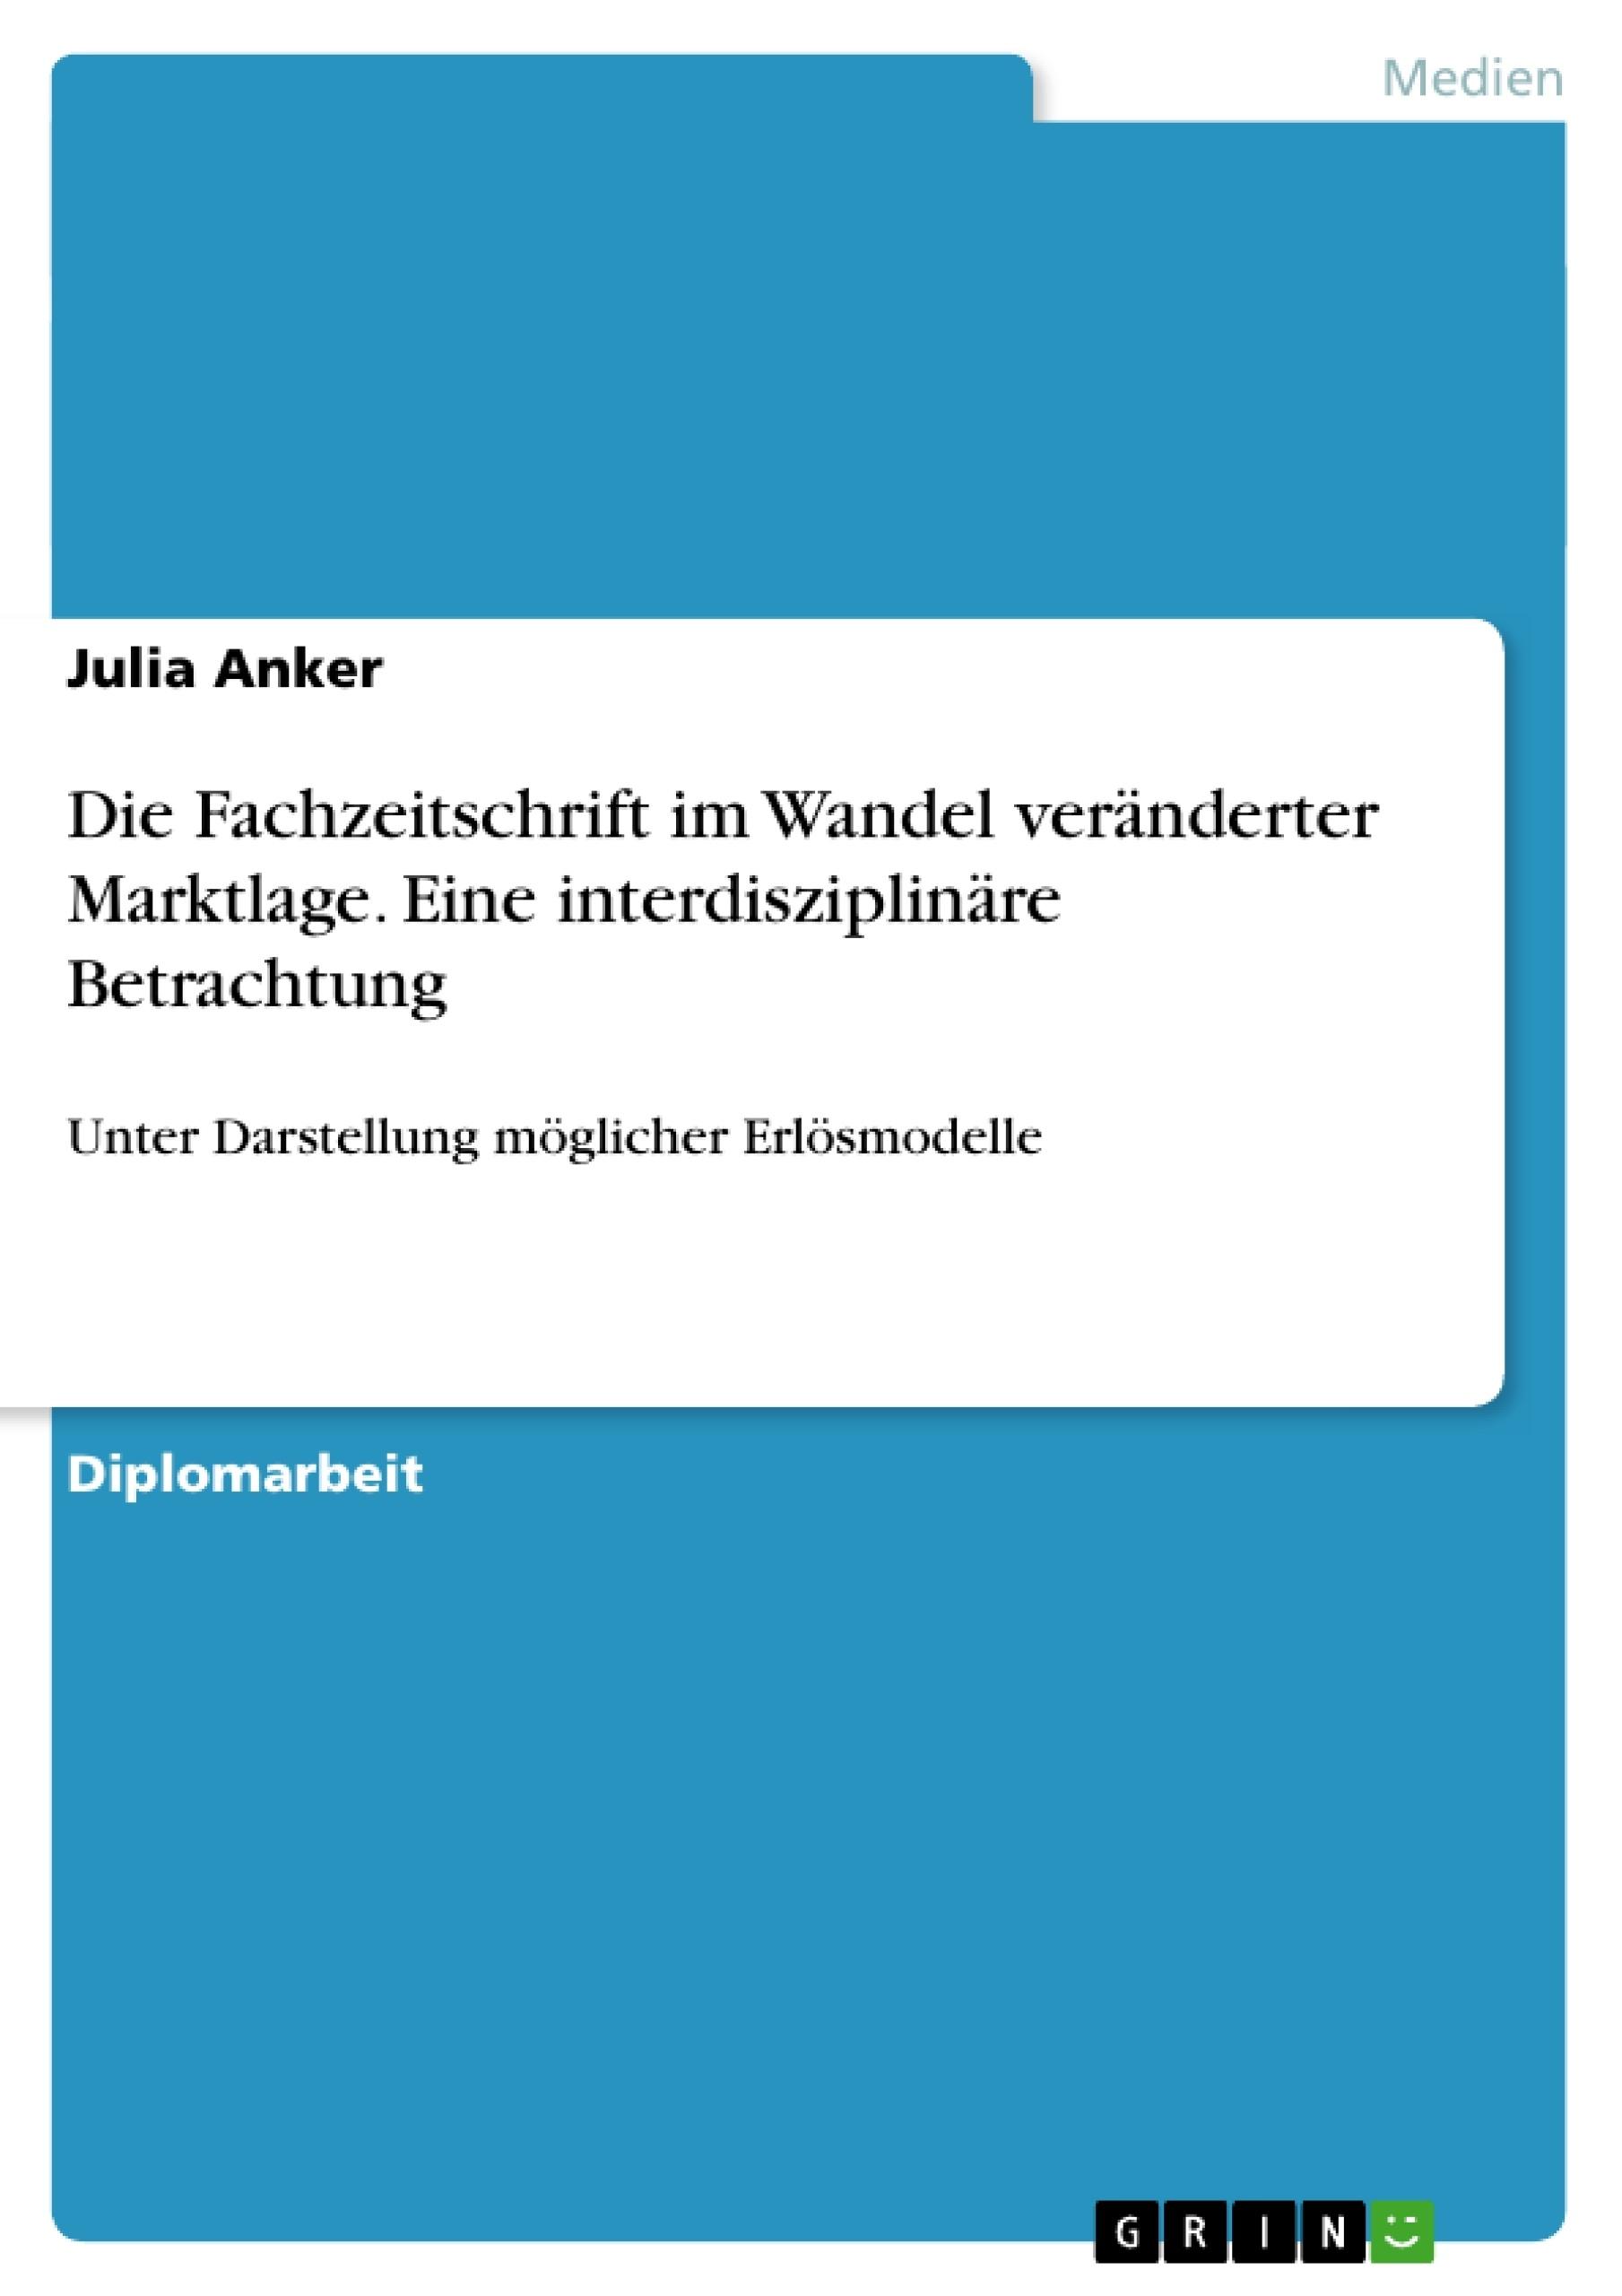 Titel: Die Fachzeitschrift im Wandel veränderter Marktlage. Eine interdisziplinäre Betrachtung